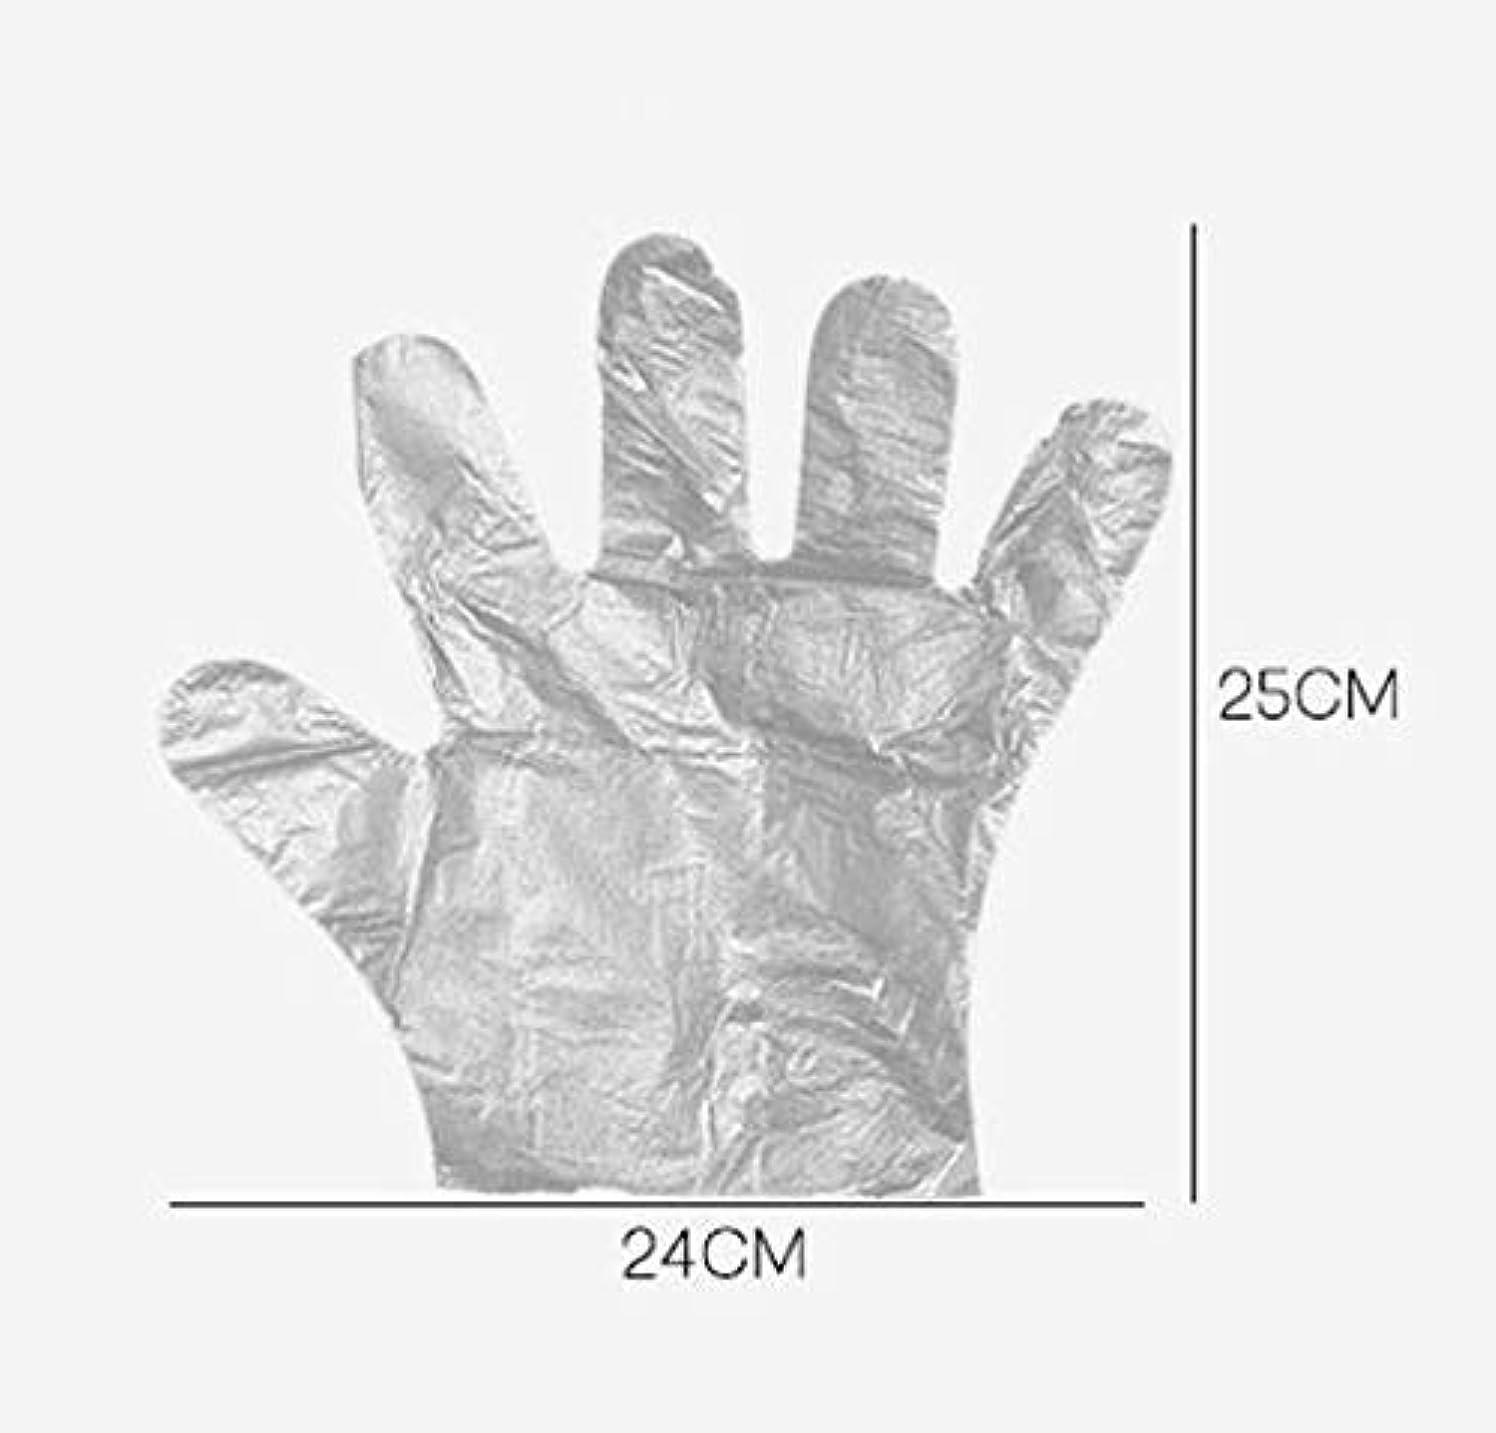 大佐地球機動HJ ポリ手袋 使い捨て手袋 ポリエチレン使い切り手袋 極薄い 使い切り手袋 透明手袋 耐油 防水 介護 トイレ掃除 左右兼用 手荒れを防ぎ 素手 薄いタイプ (1000ペアセット)